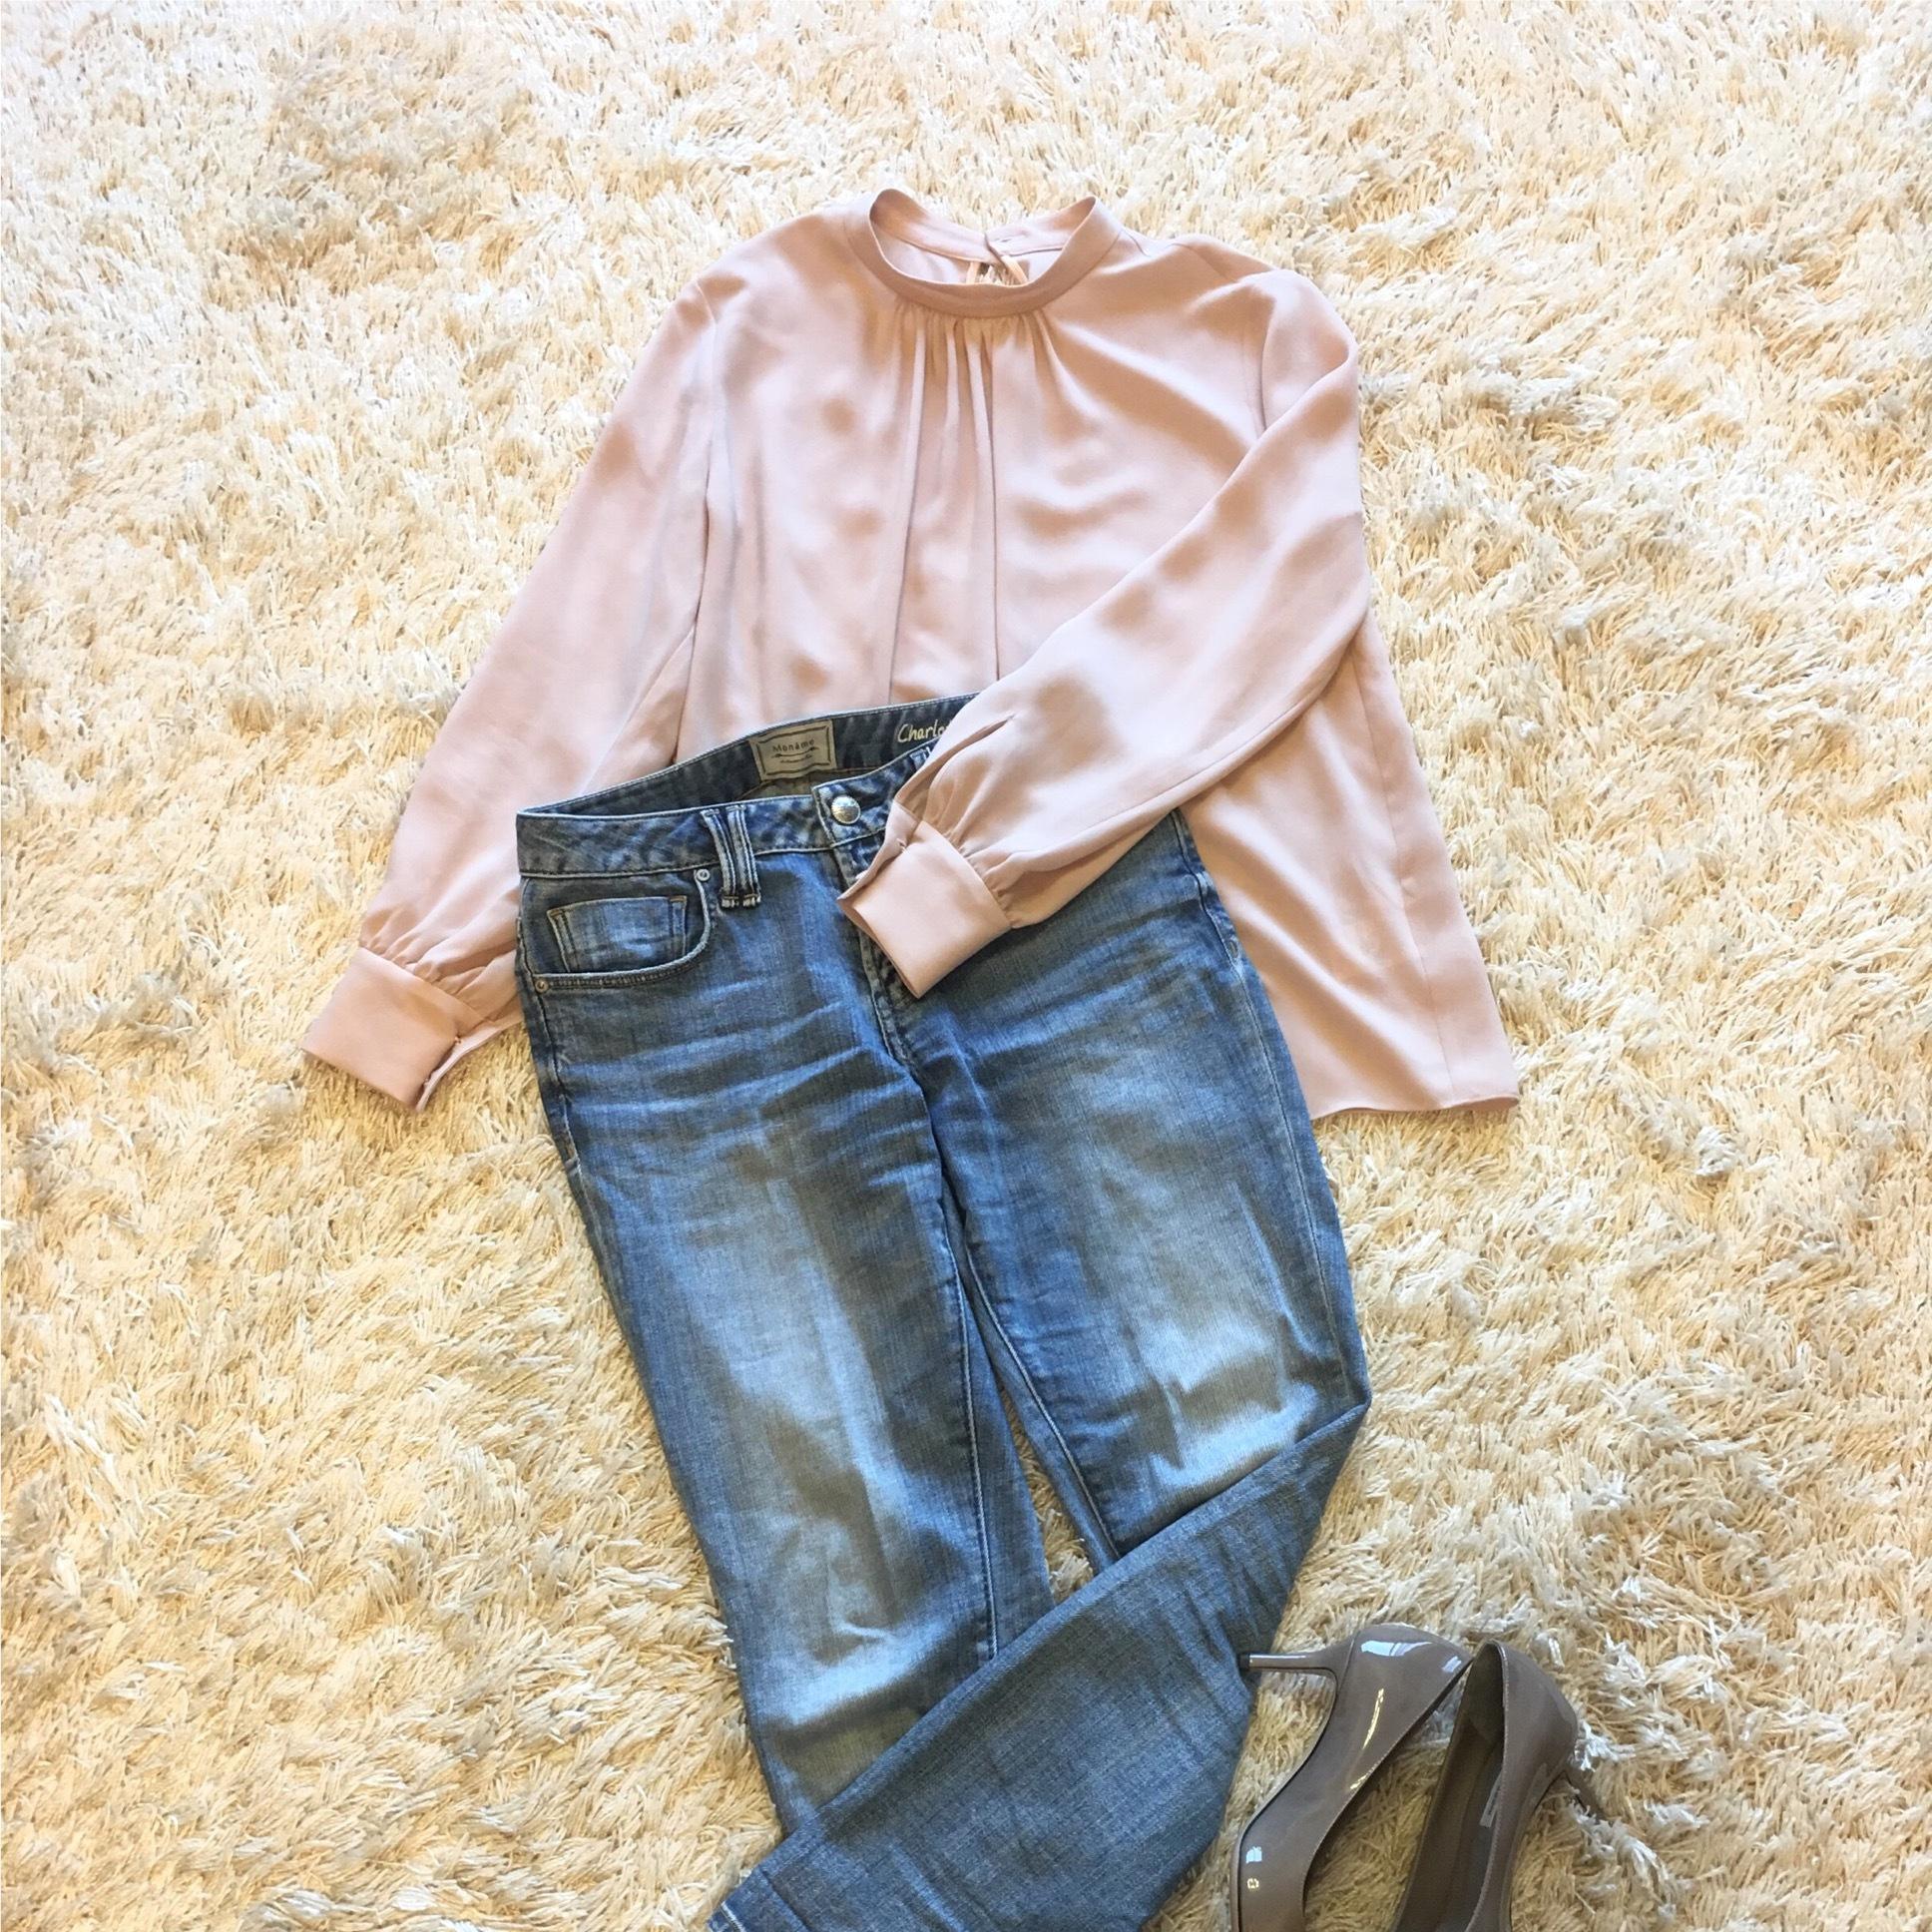 もうすぐ春ですもの、ピンクが着たい!美女組さんが選んだアイテム【マリソル美女組ブログPICK UP】_1_1-6